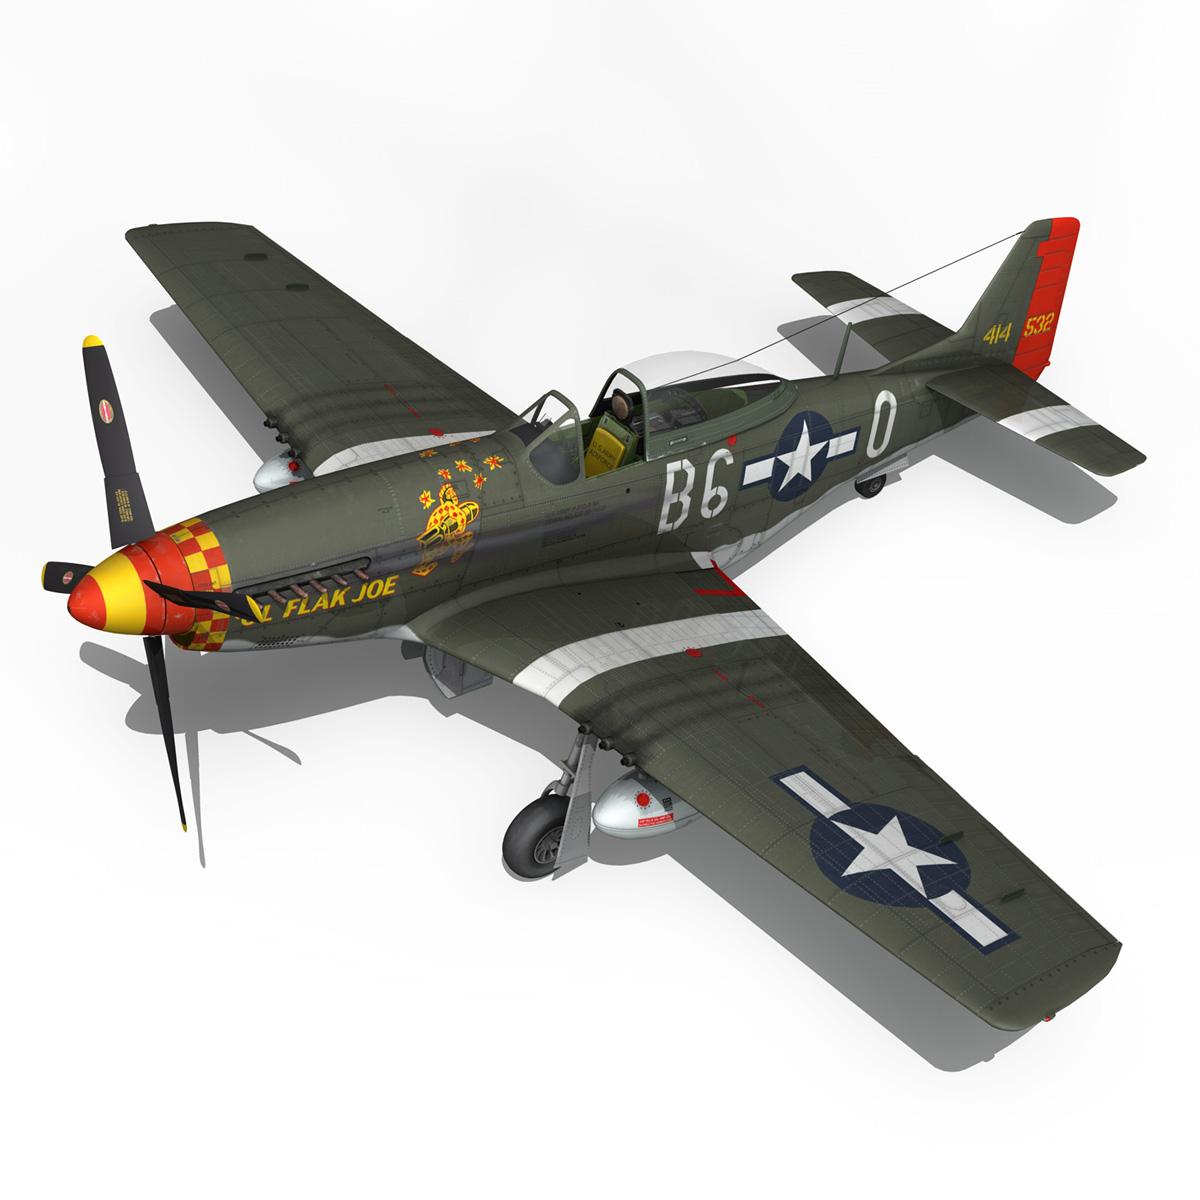 north american p-51d – ol flak joe 3d model 3ds fbx c4d lwo obj 280108